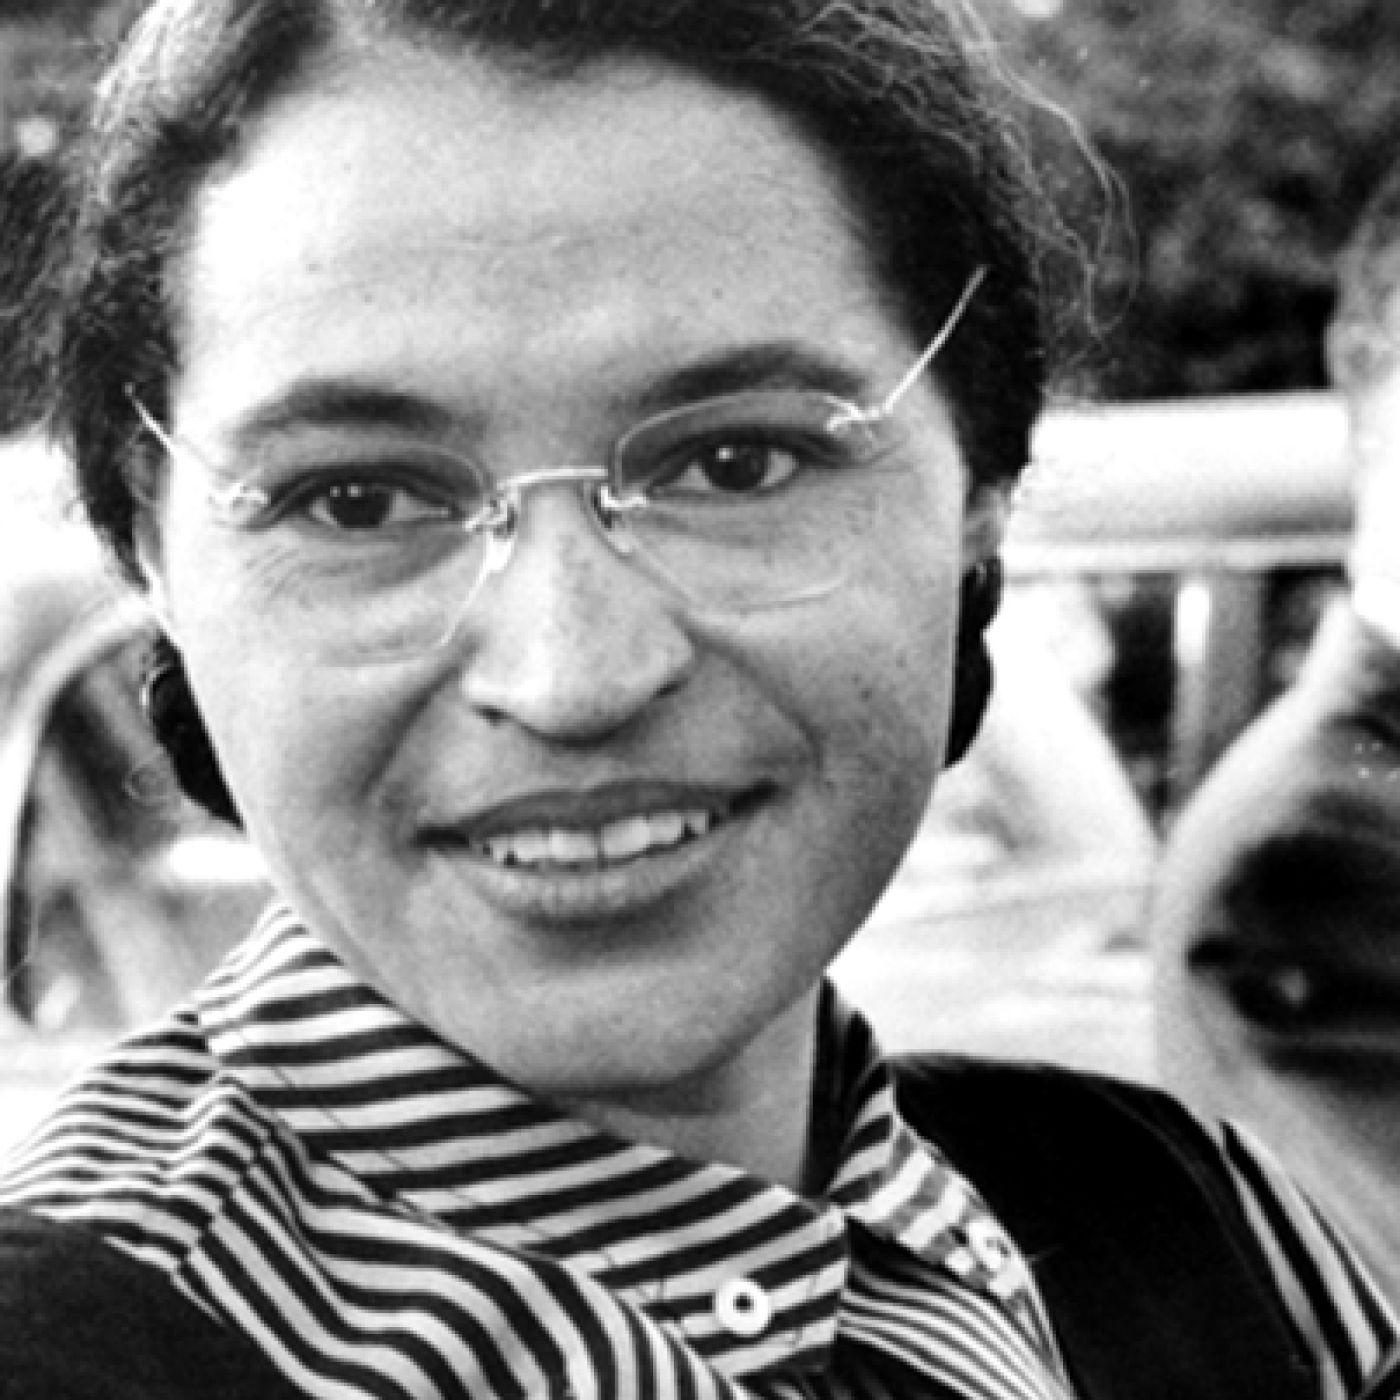 Les Indomptables - Rosa Parks